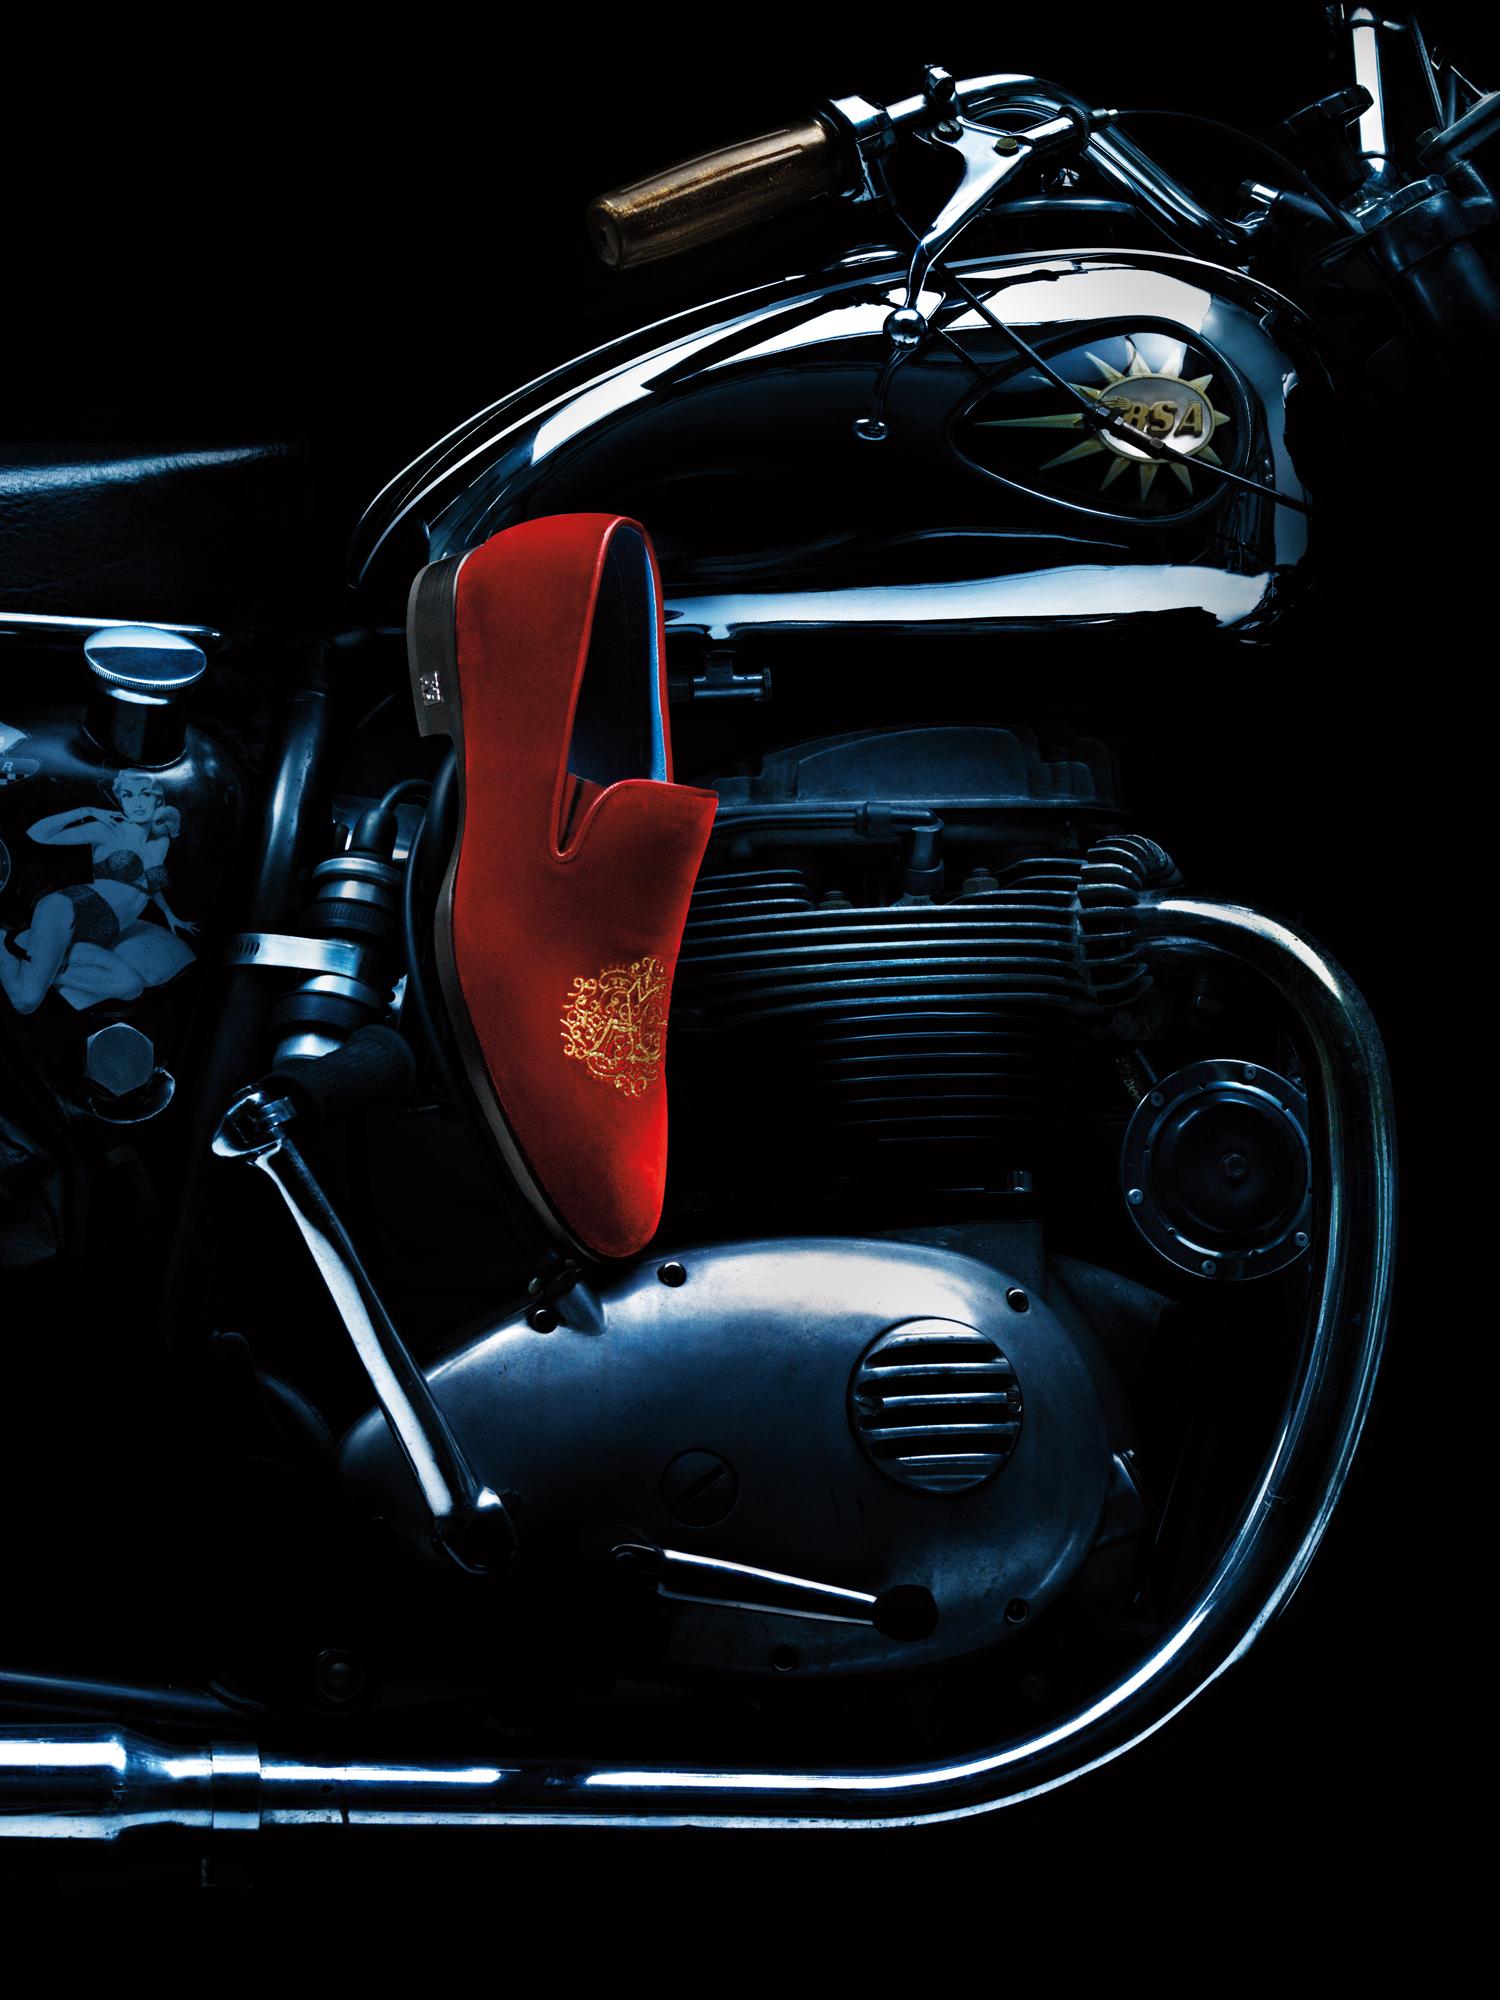 GQ Style_12.16.2011 47289_103229_RT1_V1b